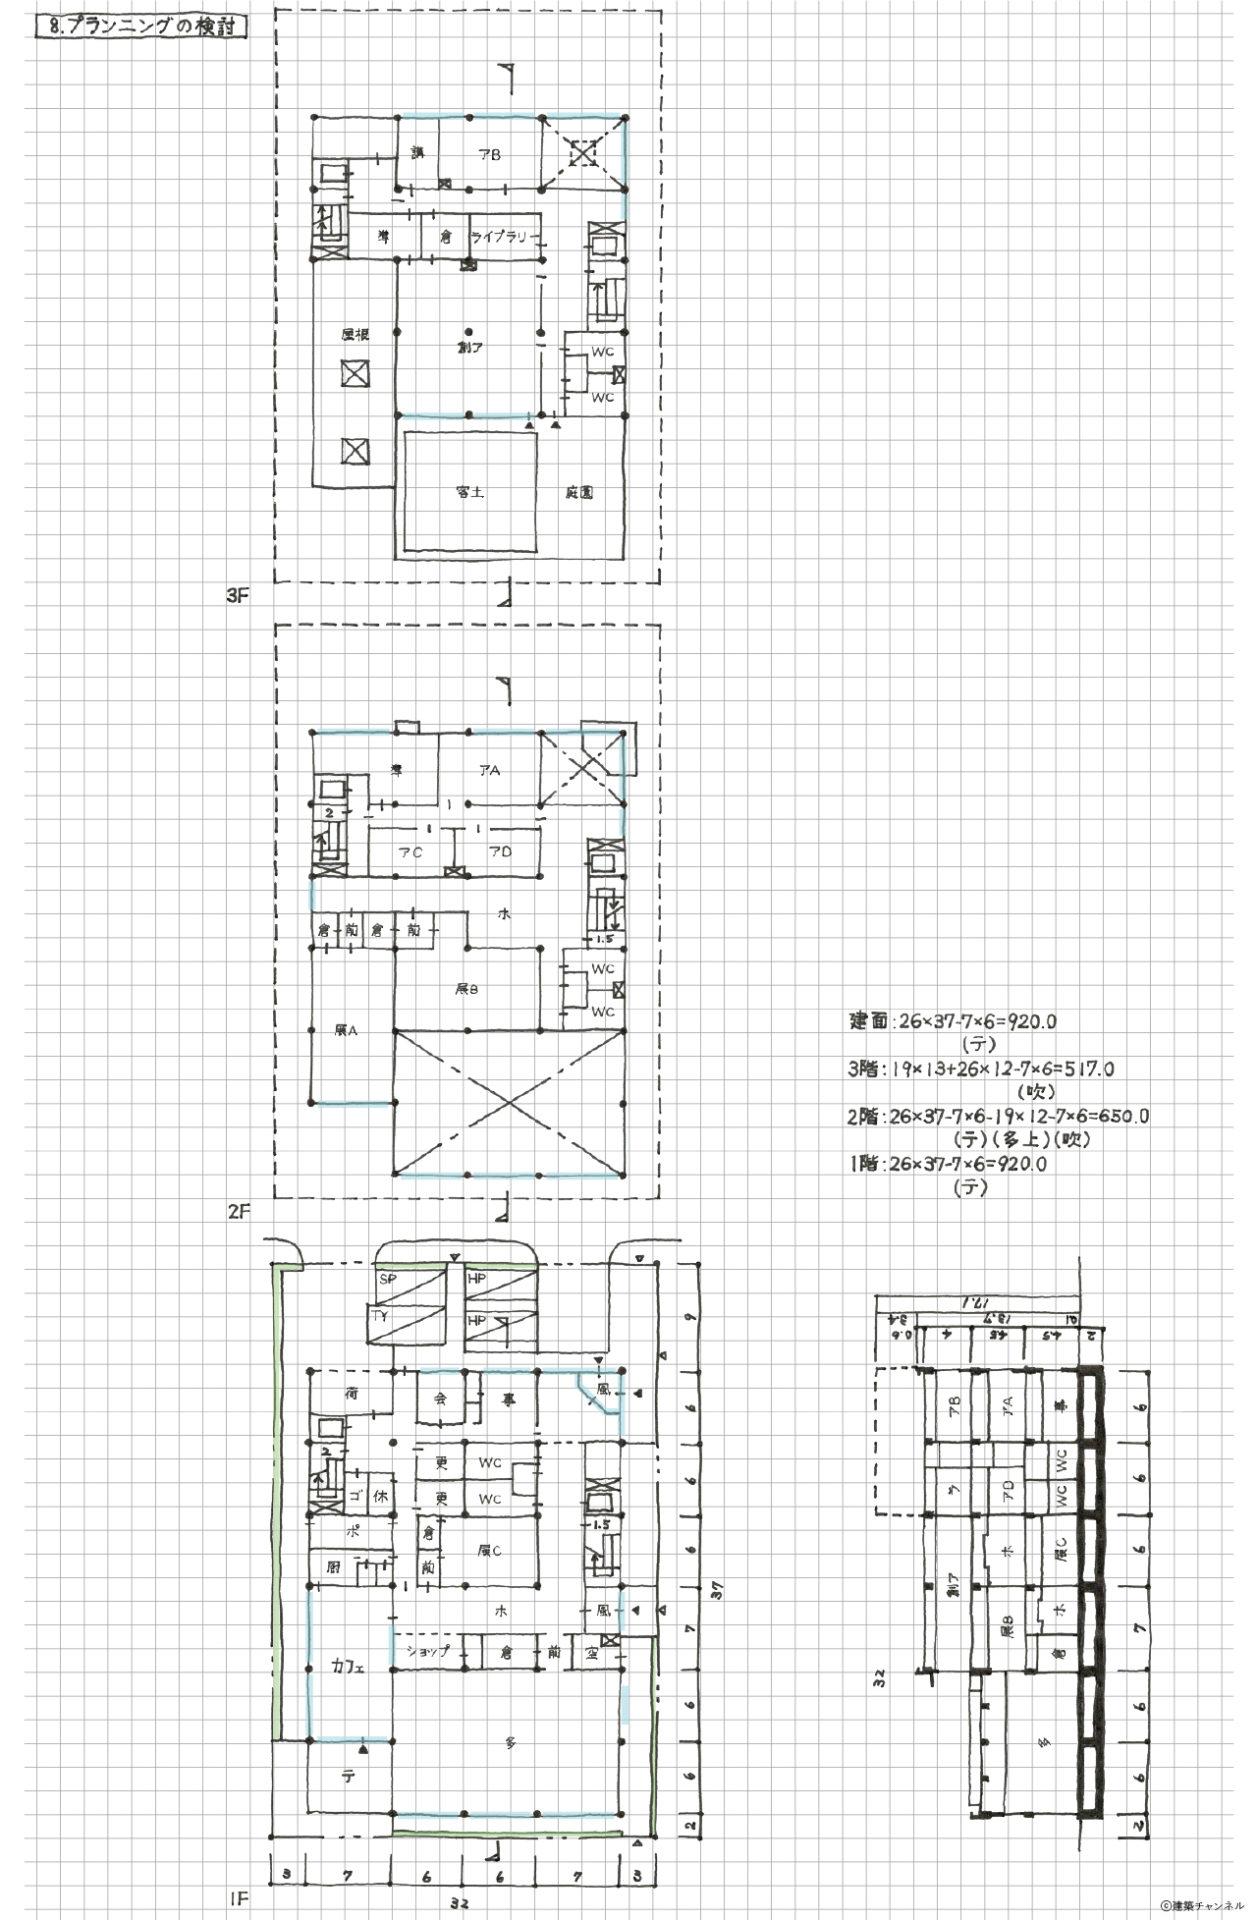 【一級建築士】設計製図の試験『エスキス解答例|プランニングの検討』|令和元年